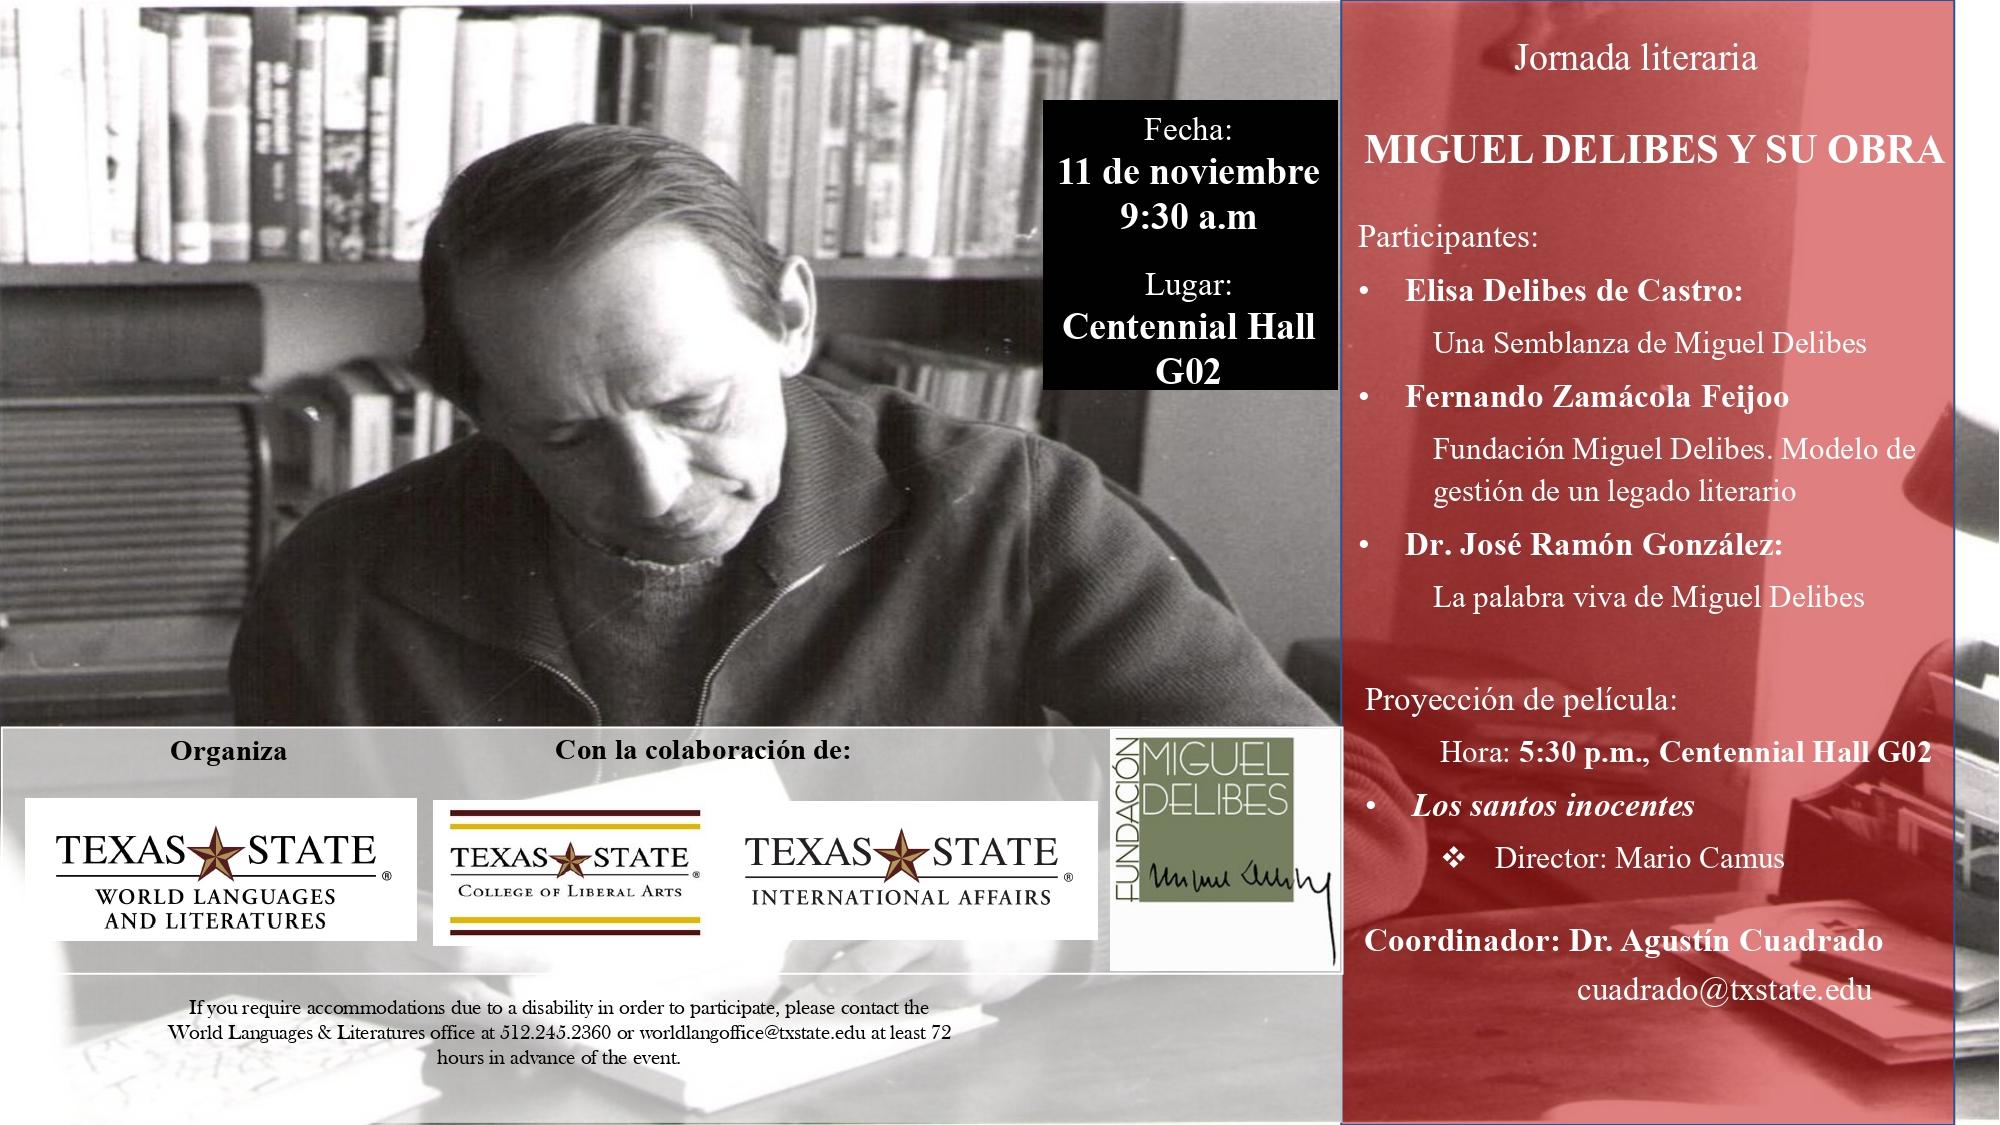 jornadas Miguel Delibes en Texas